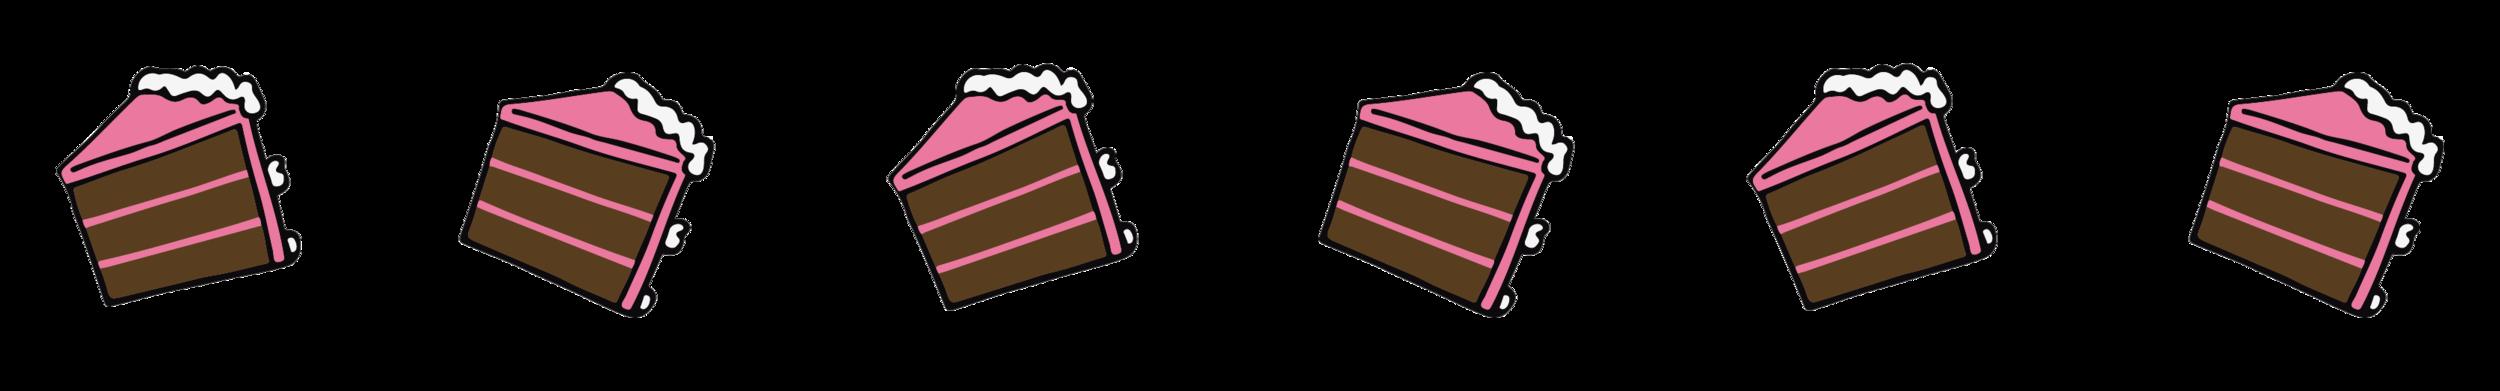 Dancing Cakes -Web.png